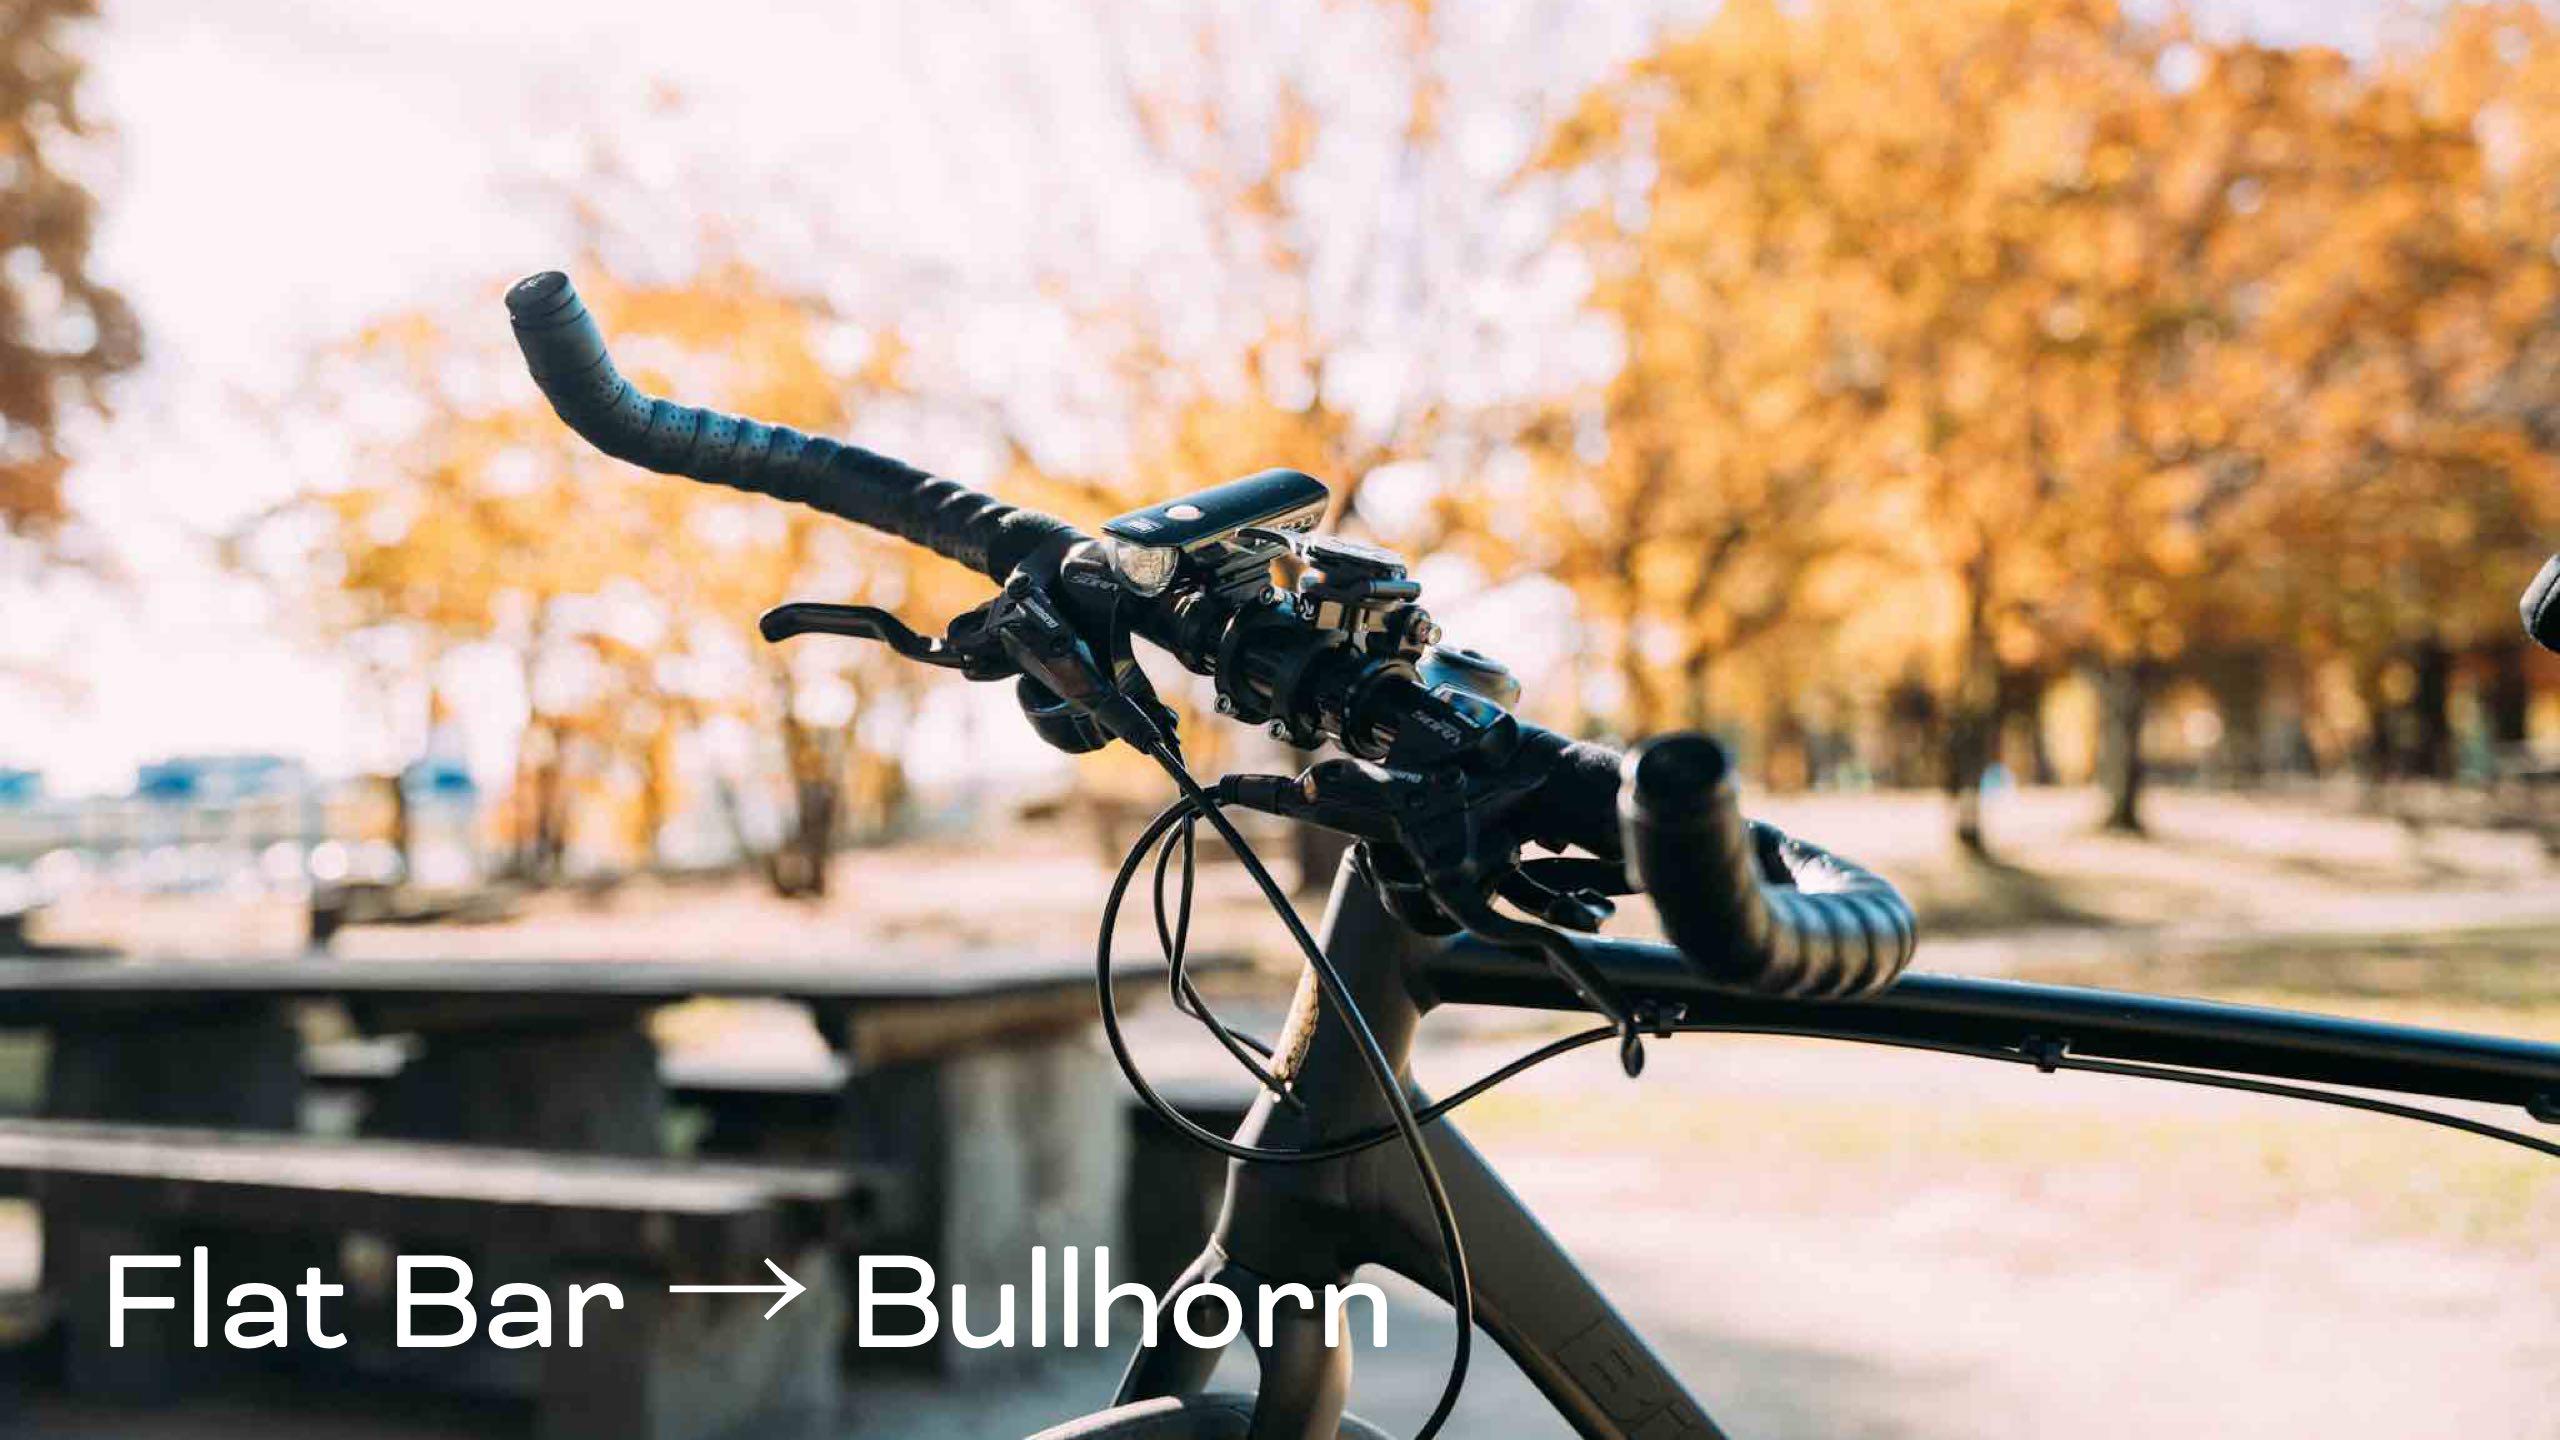 クロスバイクをブルホーン化して6ヶ月… 感想とメリットなど